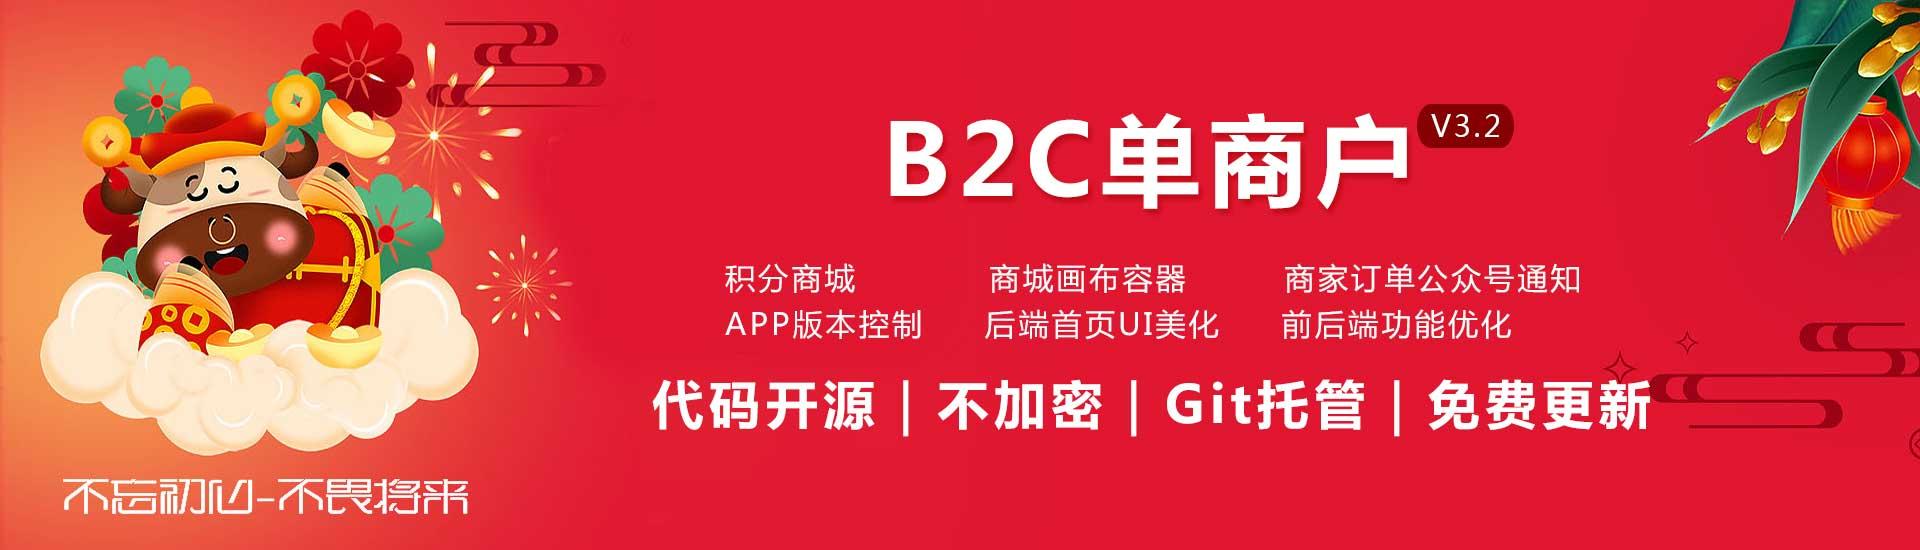 单商户B2C系统3.2版本